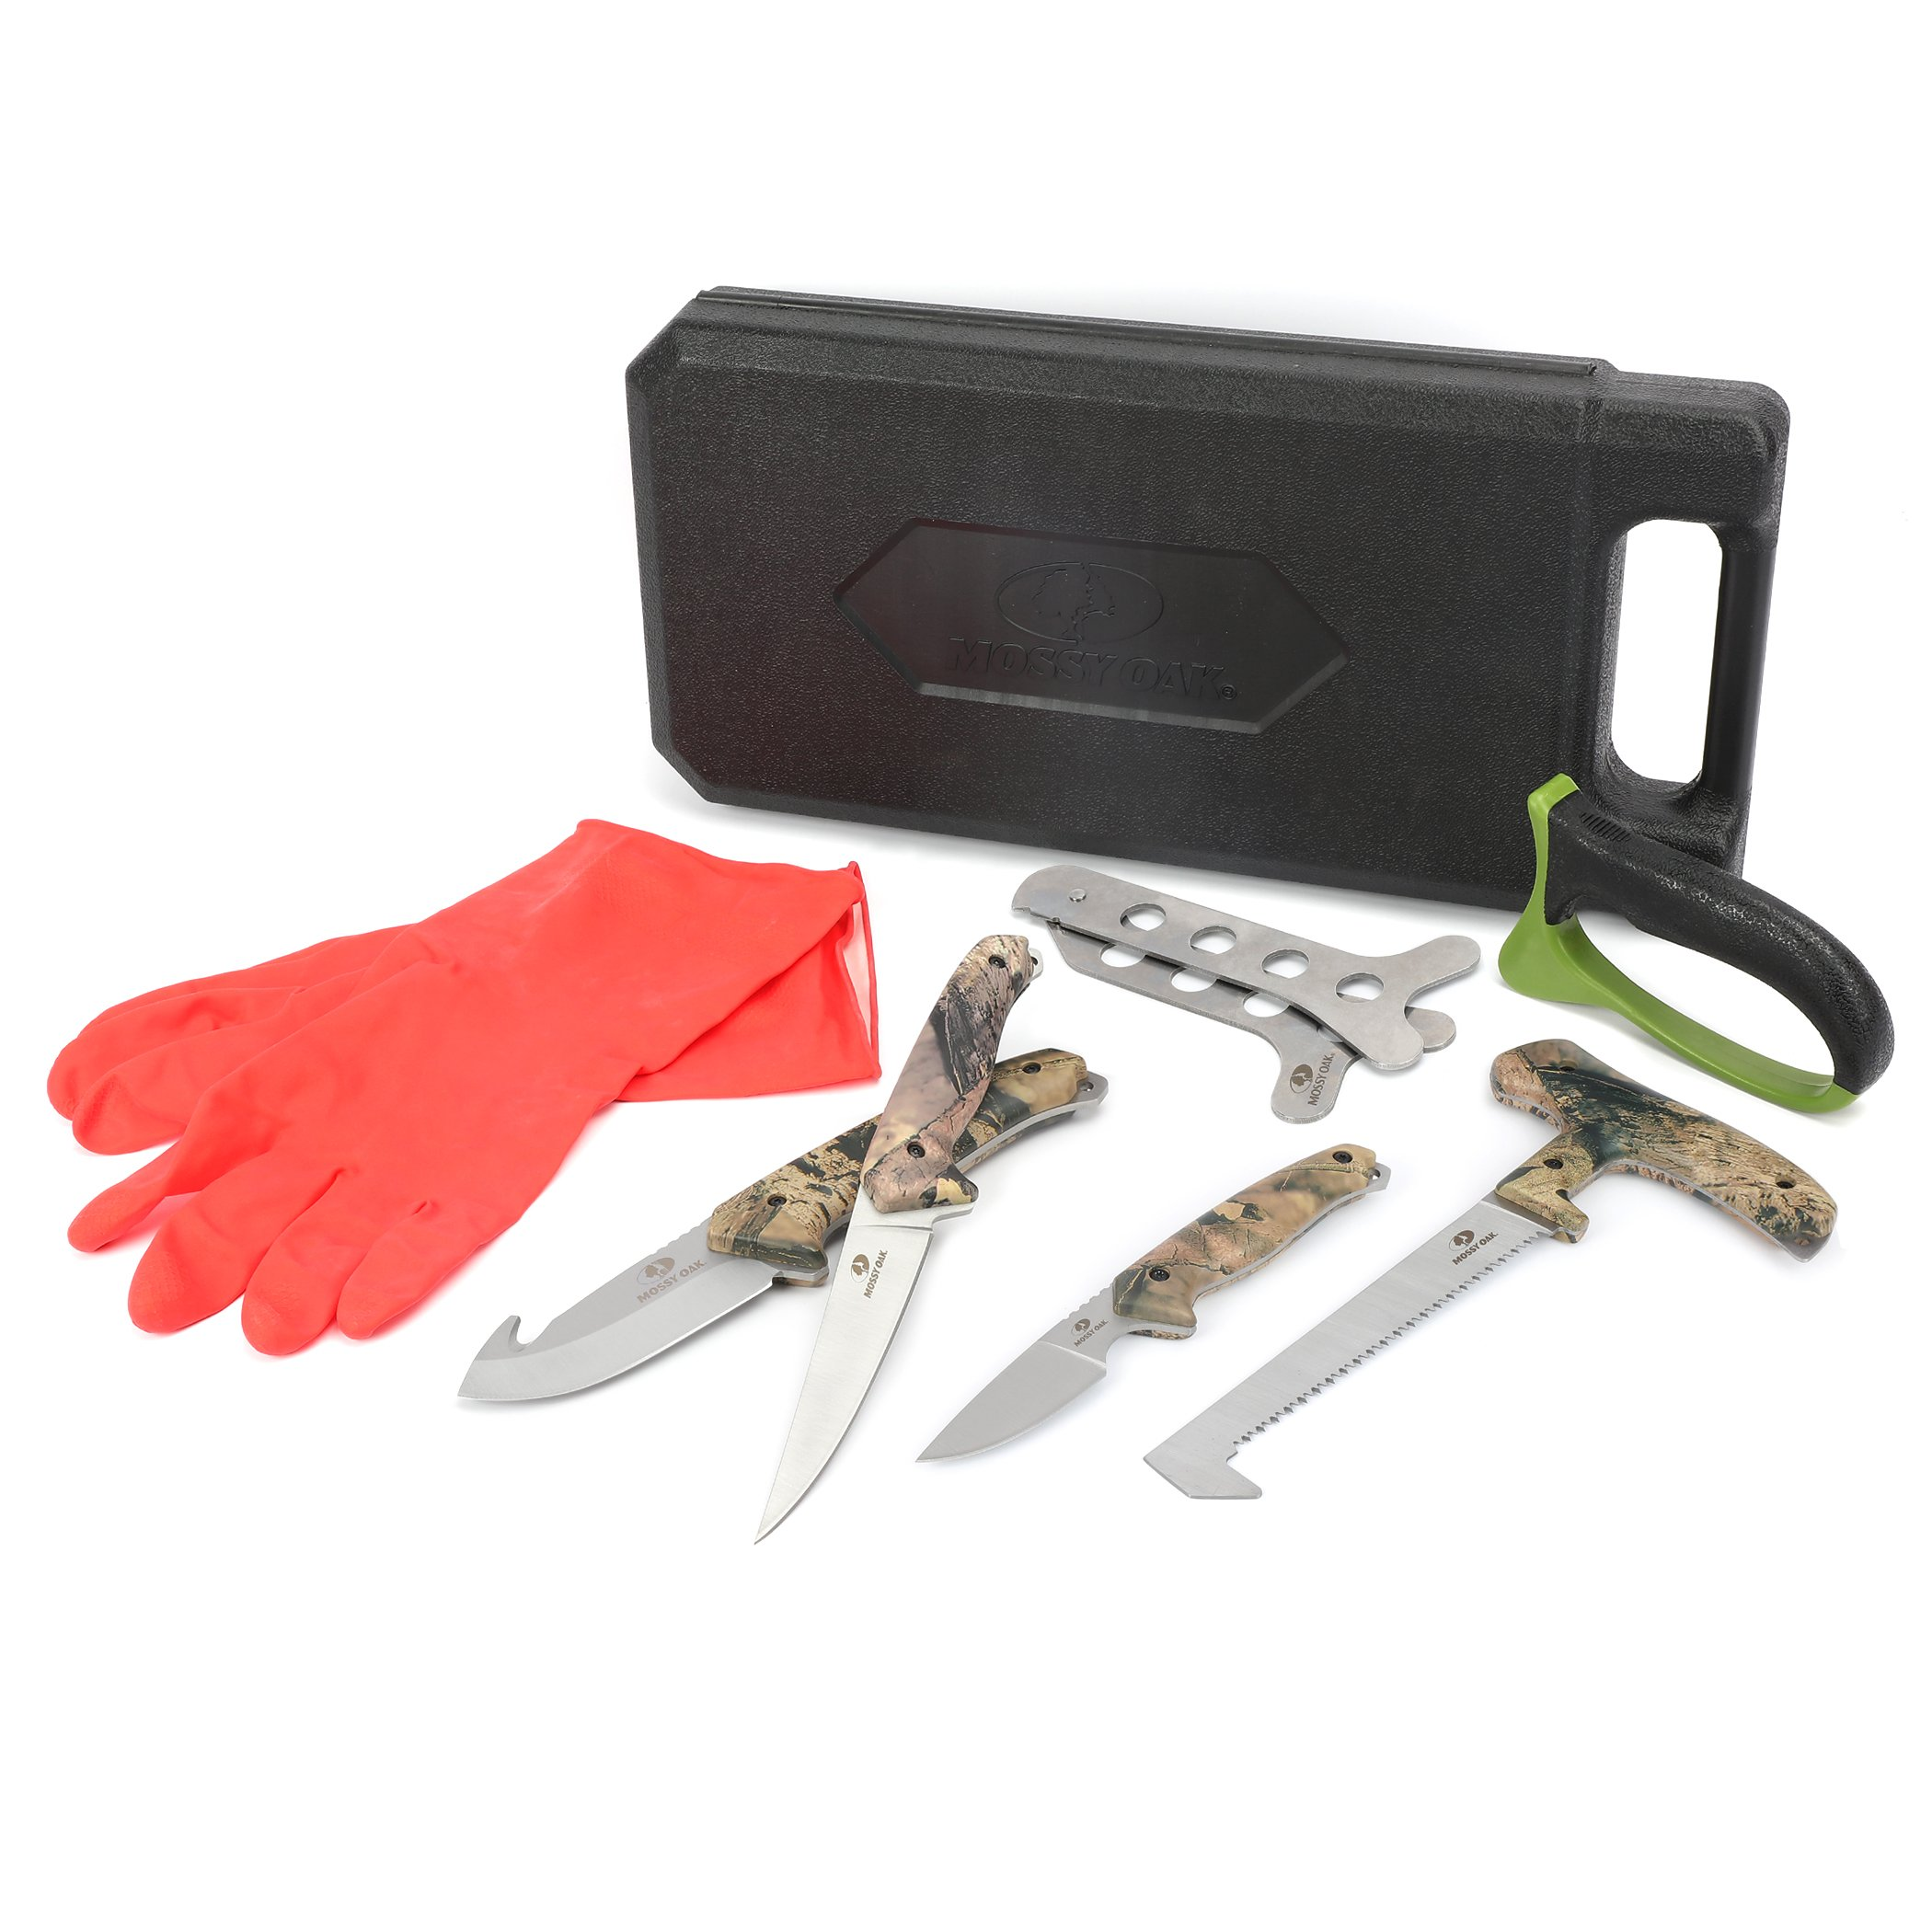 MOSSY OAK Field Dressing Kit, Portable Butcher Game Processor Set (8-piece) by Mossy Oak (Image #2)